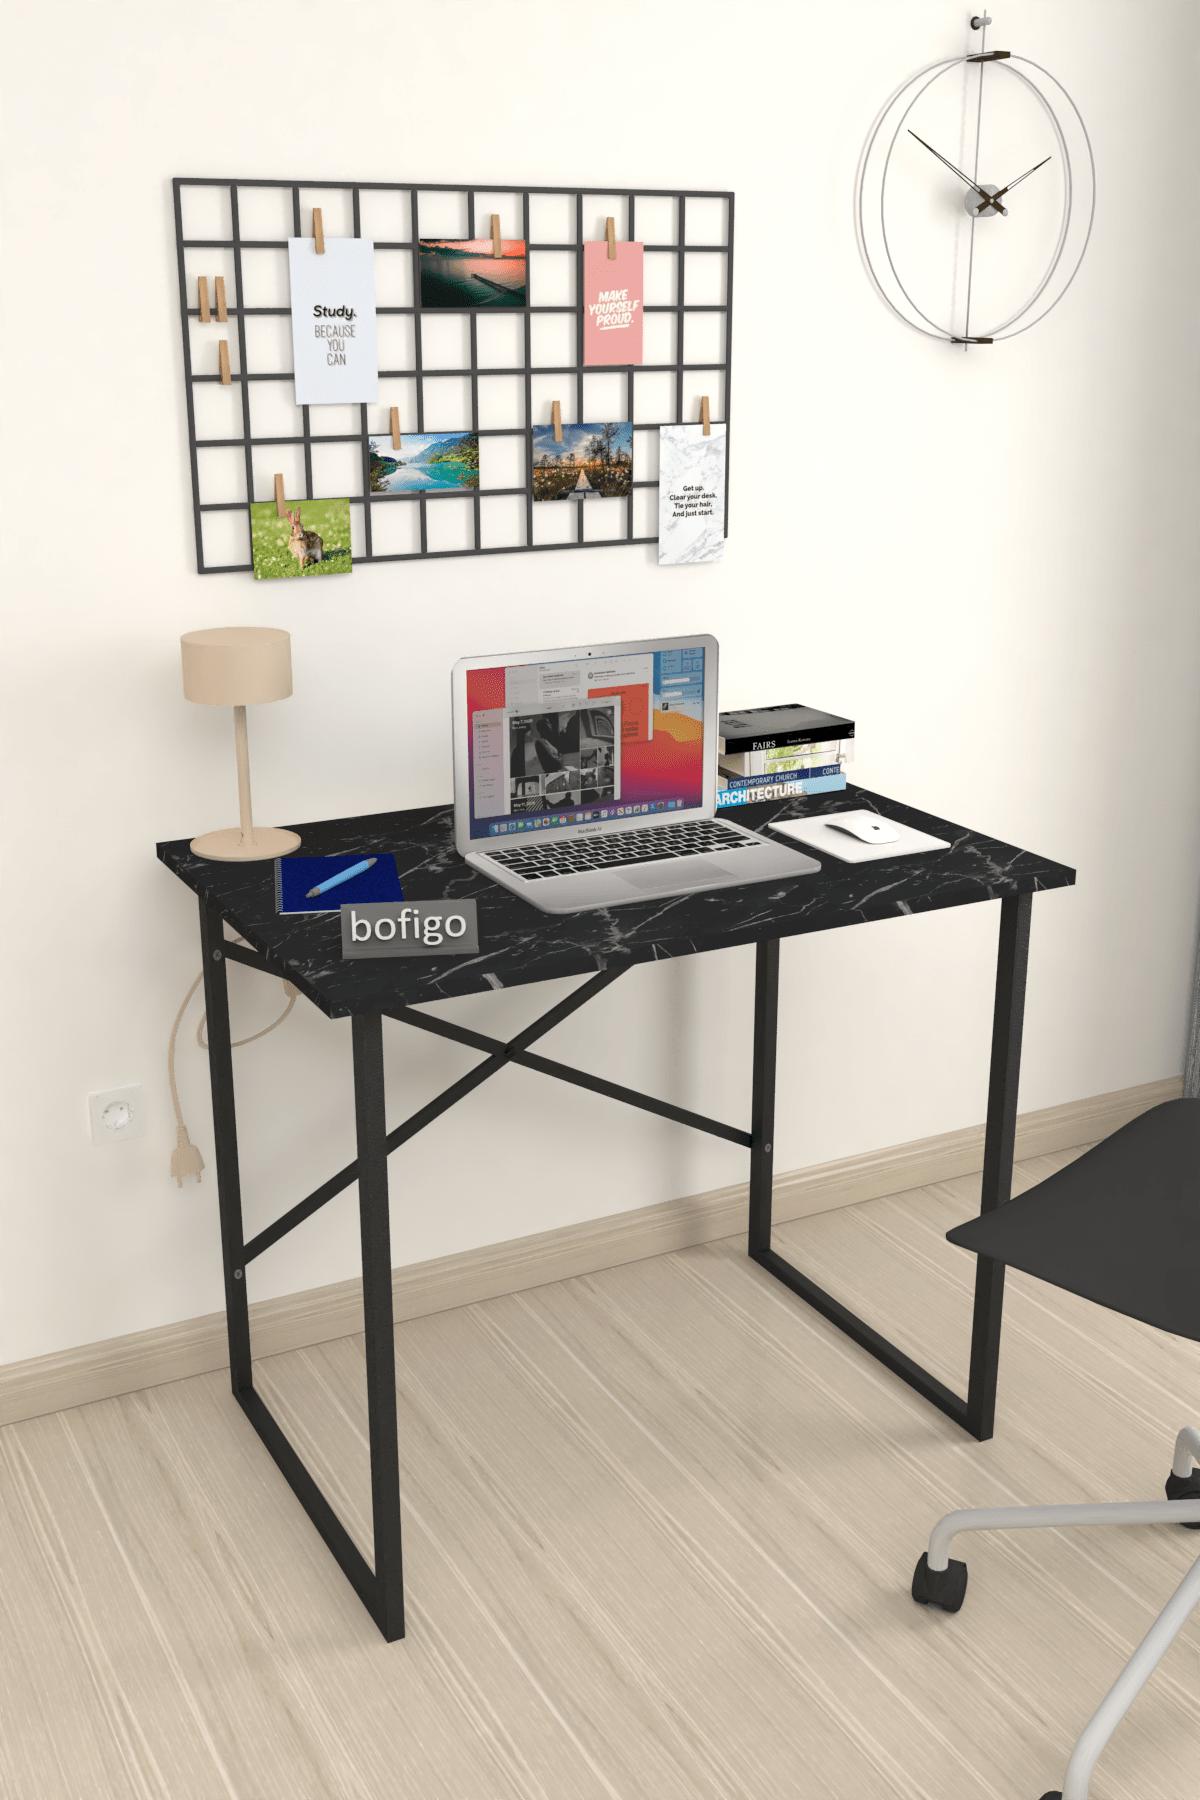 Bofigo 60x90 cm Çalışma Masası Laptop Bilgisayar Masası Ofis Ders Yemek Cocuk Masası Bendir 1